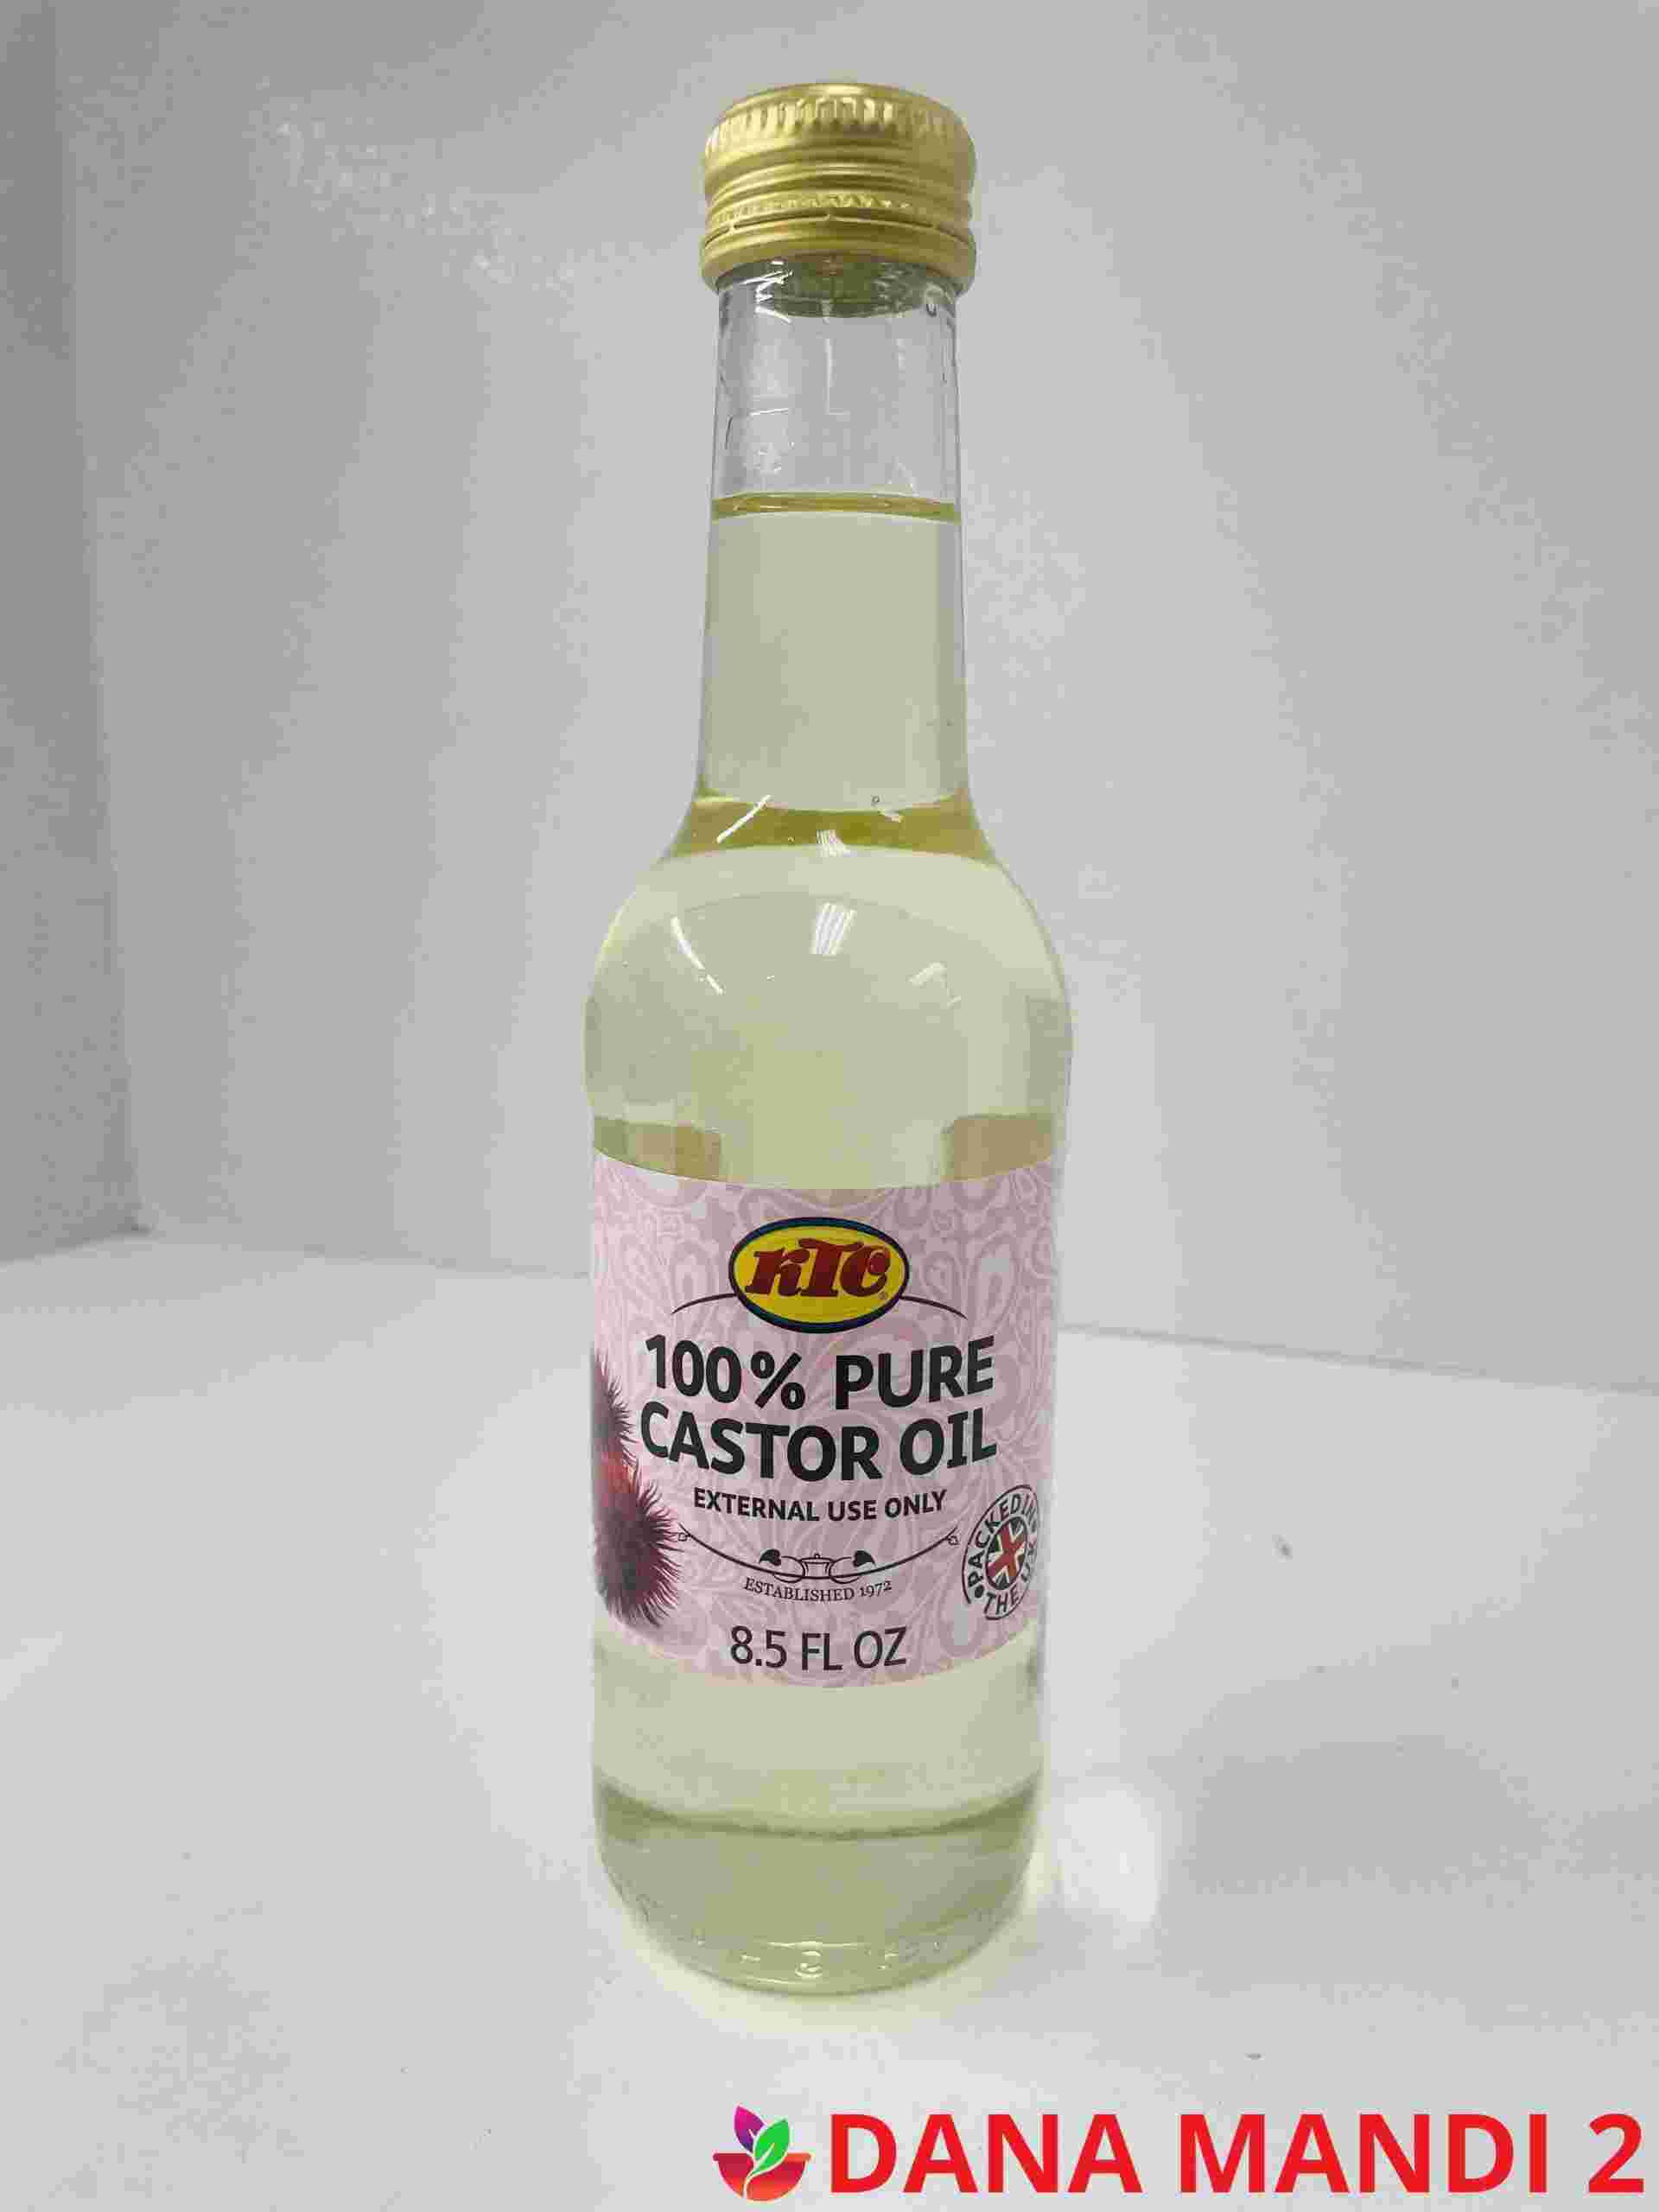 KTC 100% Pure Castor Oil